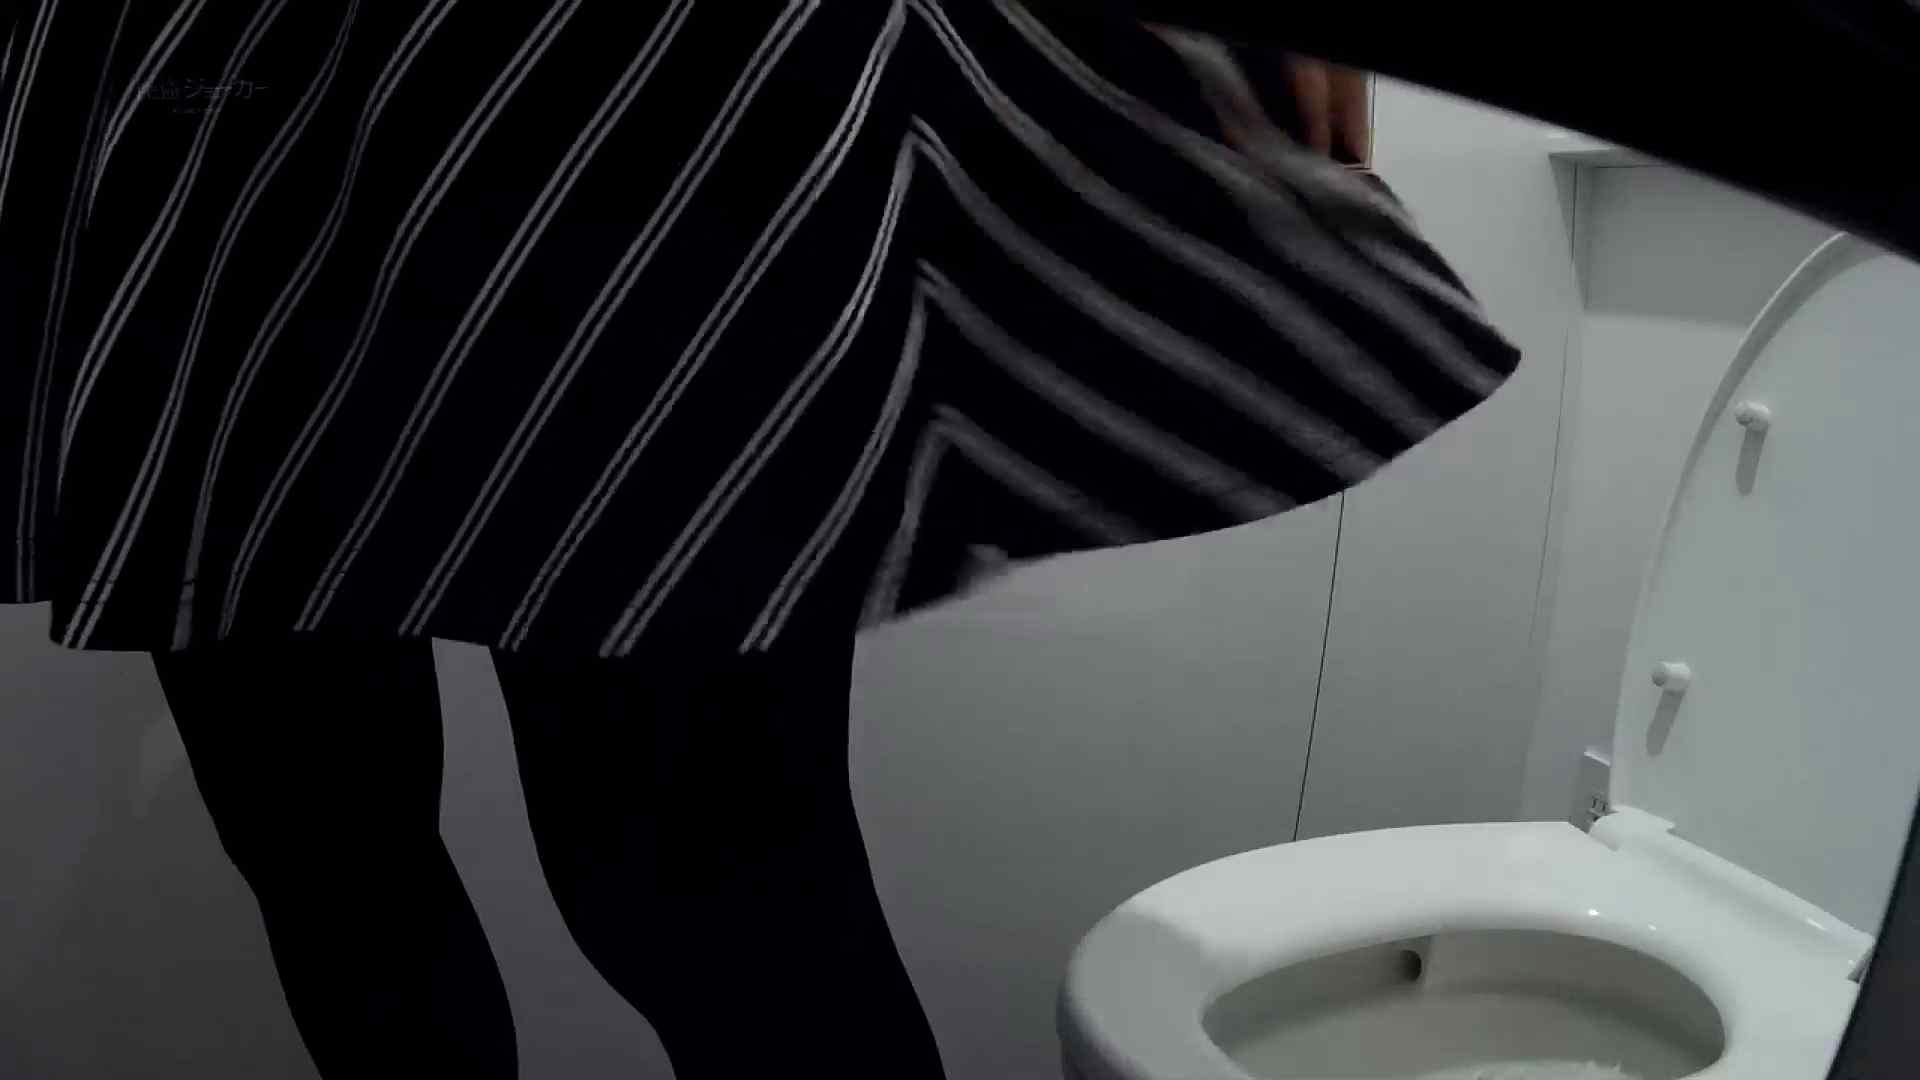 有名大学女性洗面所 vol.57 S級美女マルチアングル撮り!! マルチアングル オマンコ無修正動画無料 70画像 59